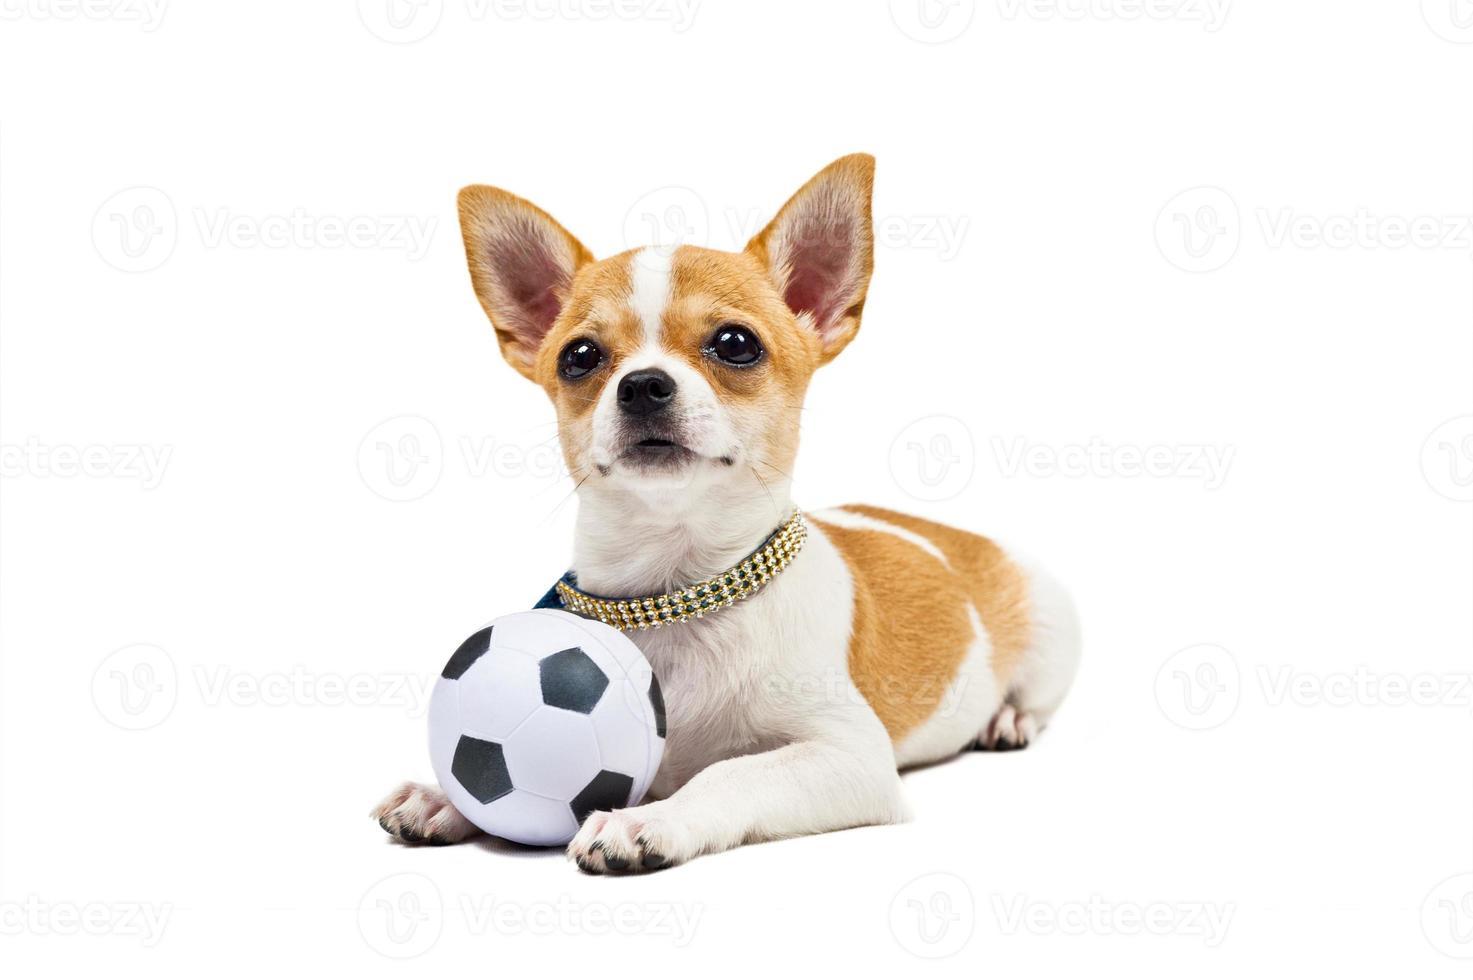 chiwawa hond foto